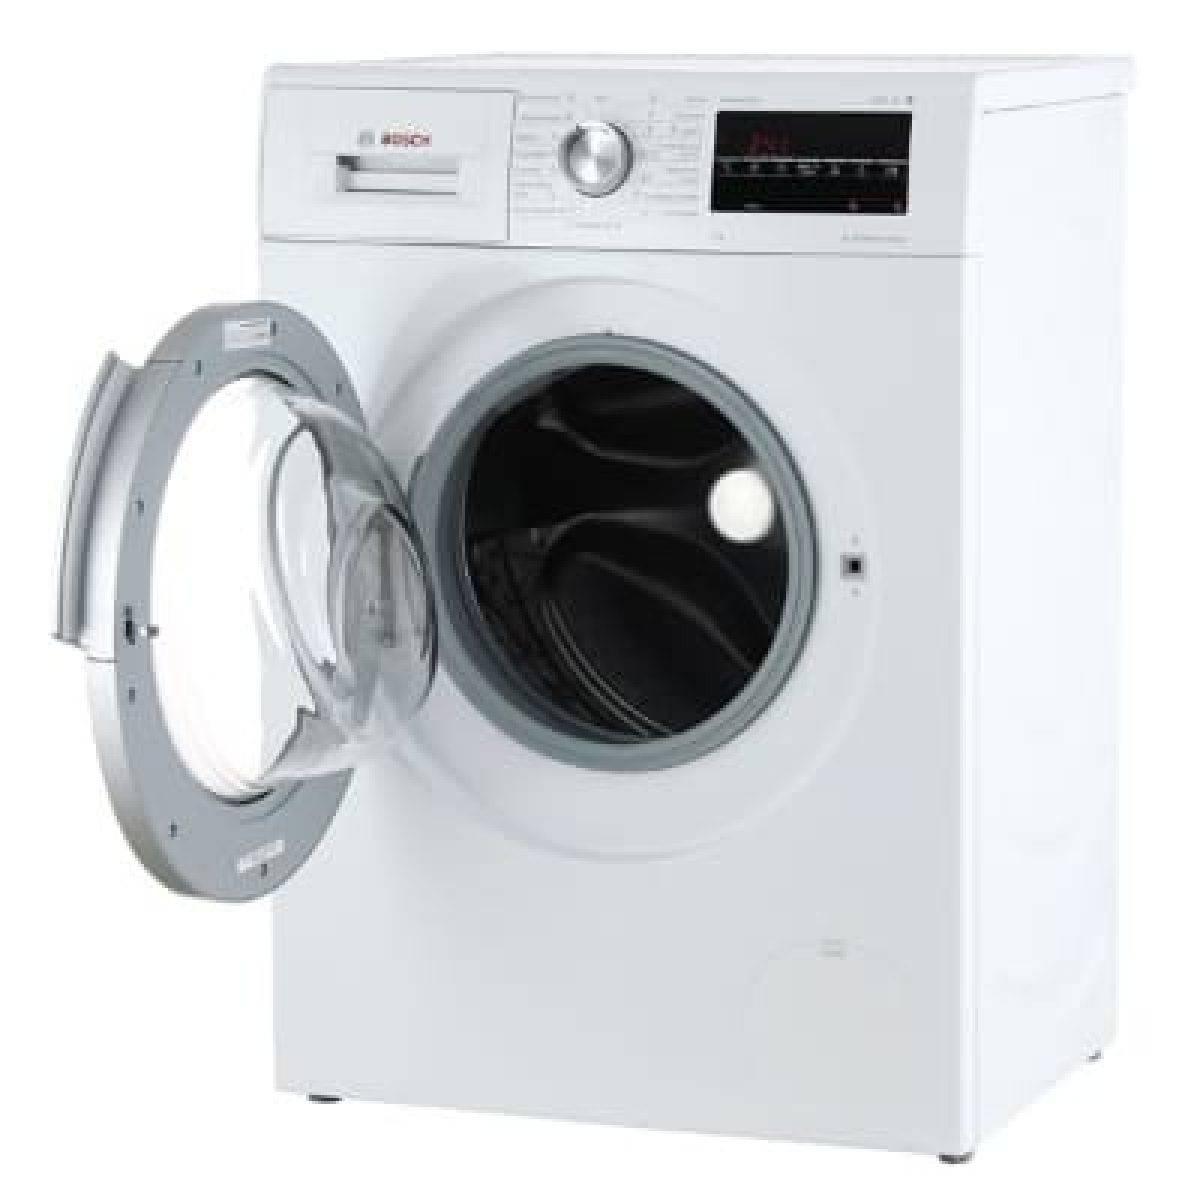 Рейтинг стиральных машин 2020 года по качеству и надежности